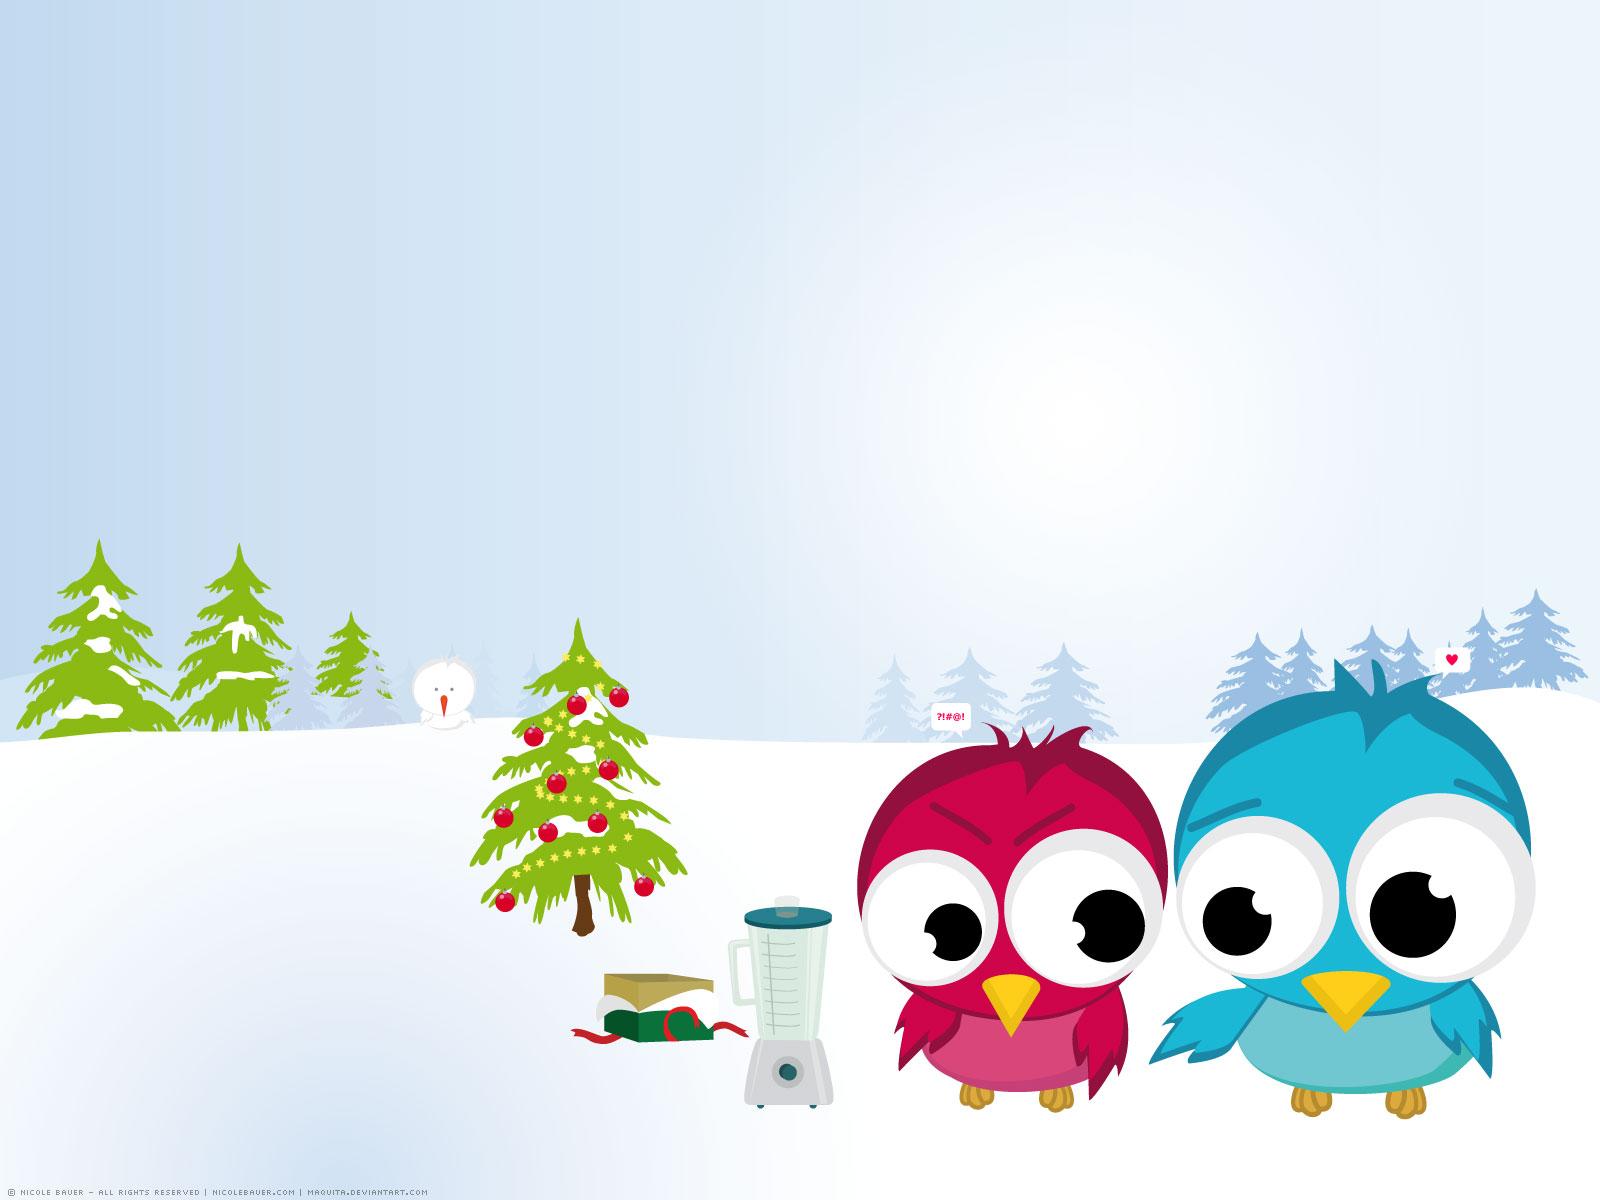 Hình nền hình vẽ hai chú chim xanh đỏ